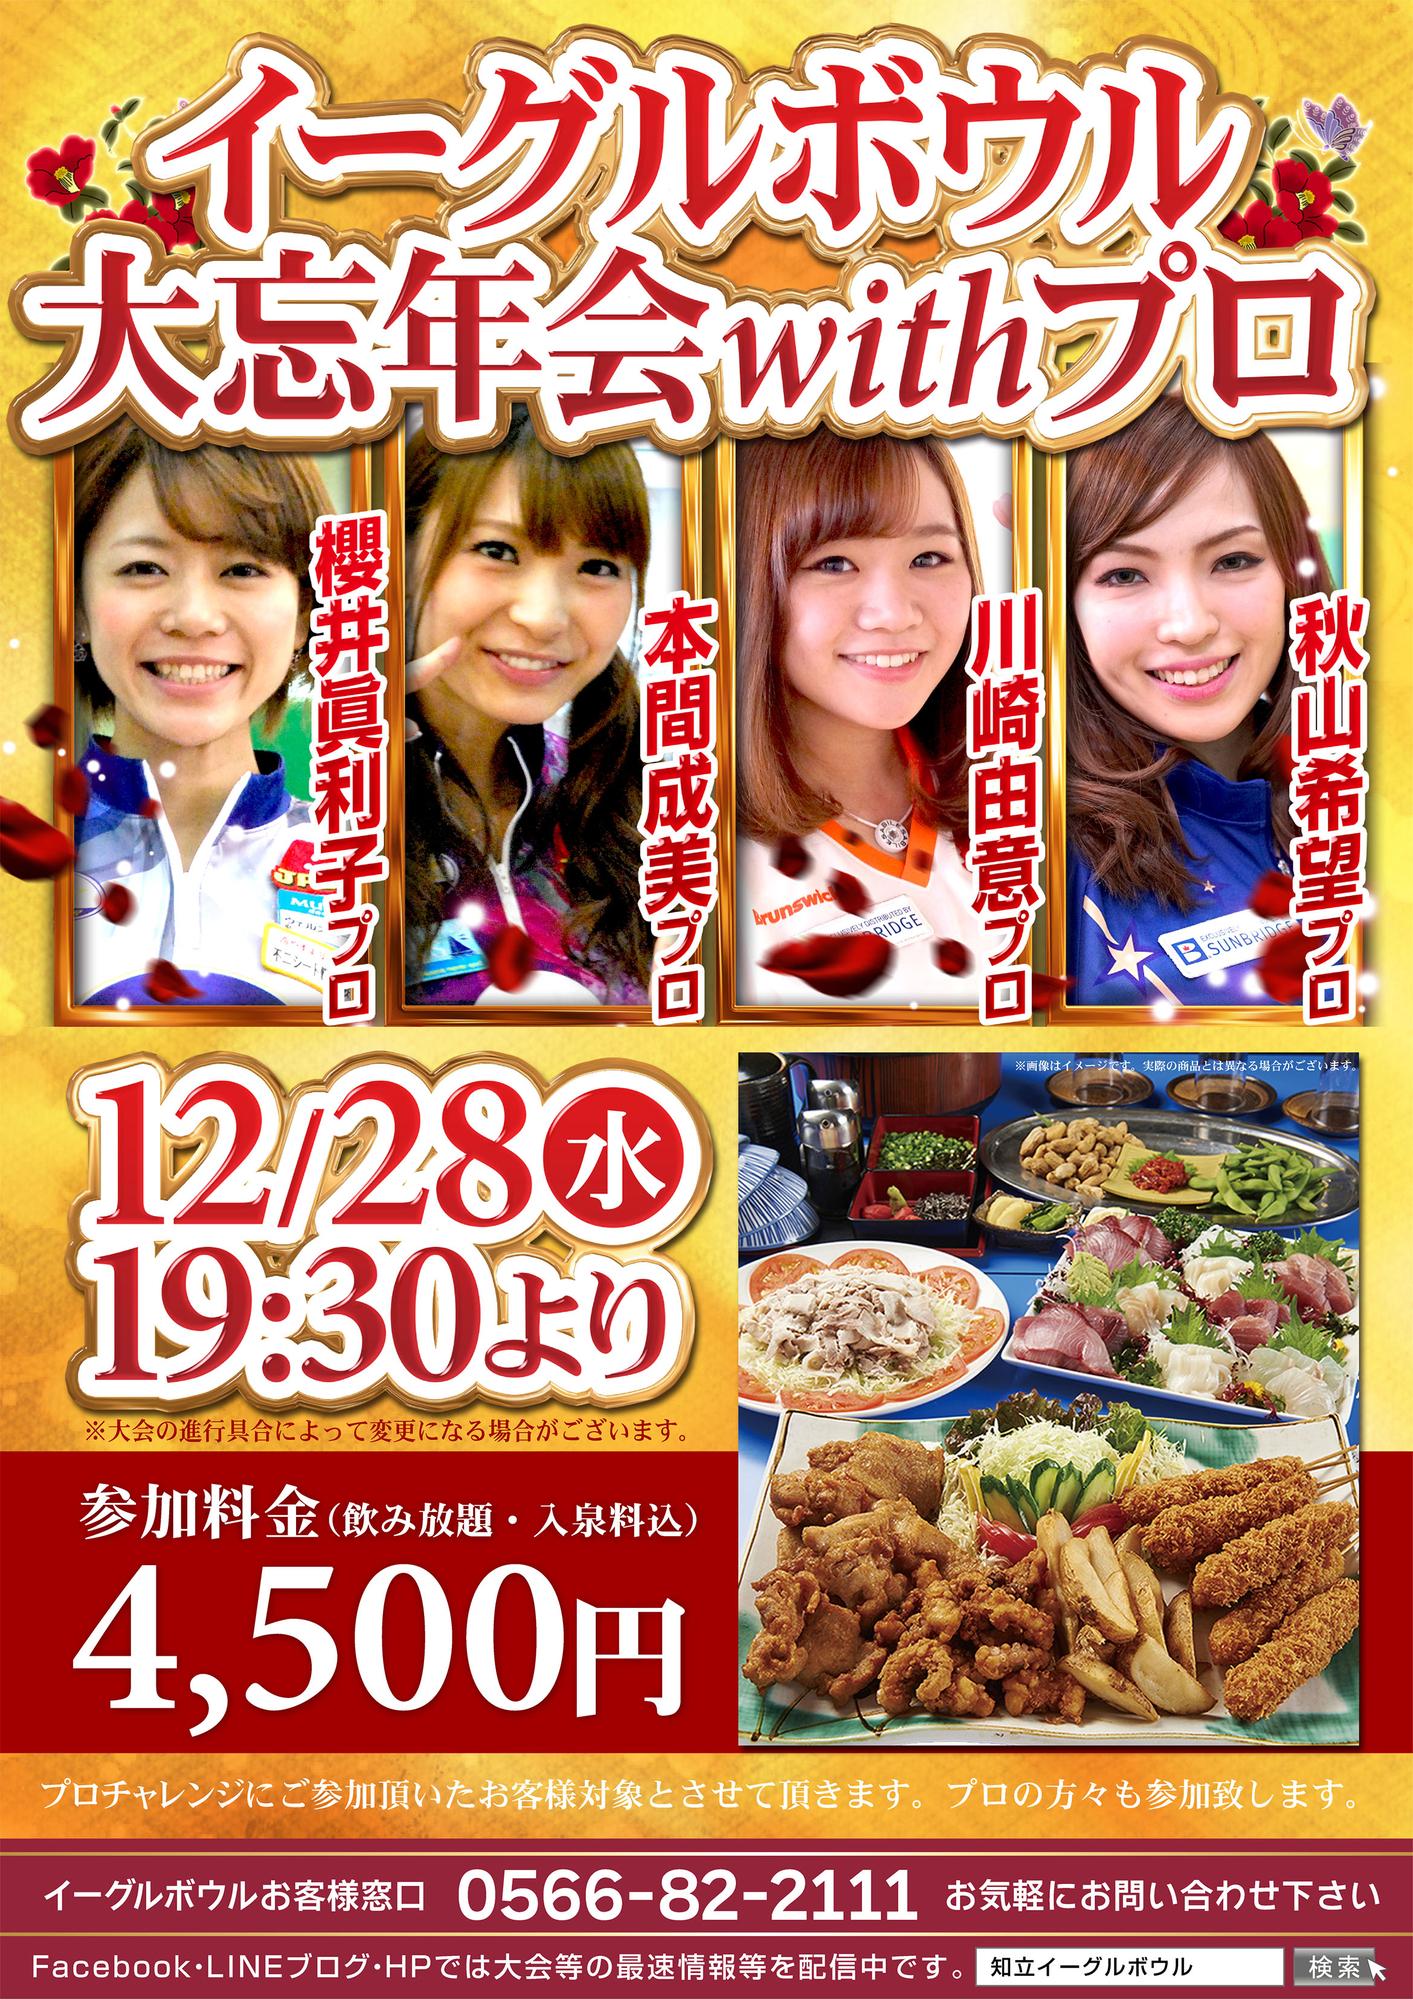 12/28 大忘年会開催のお知らせ